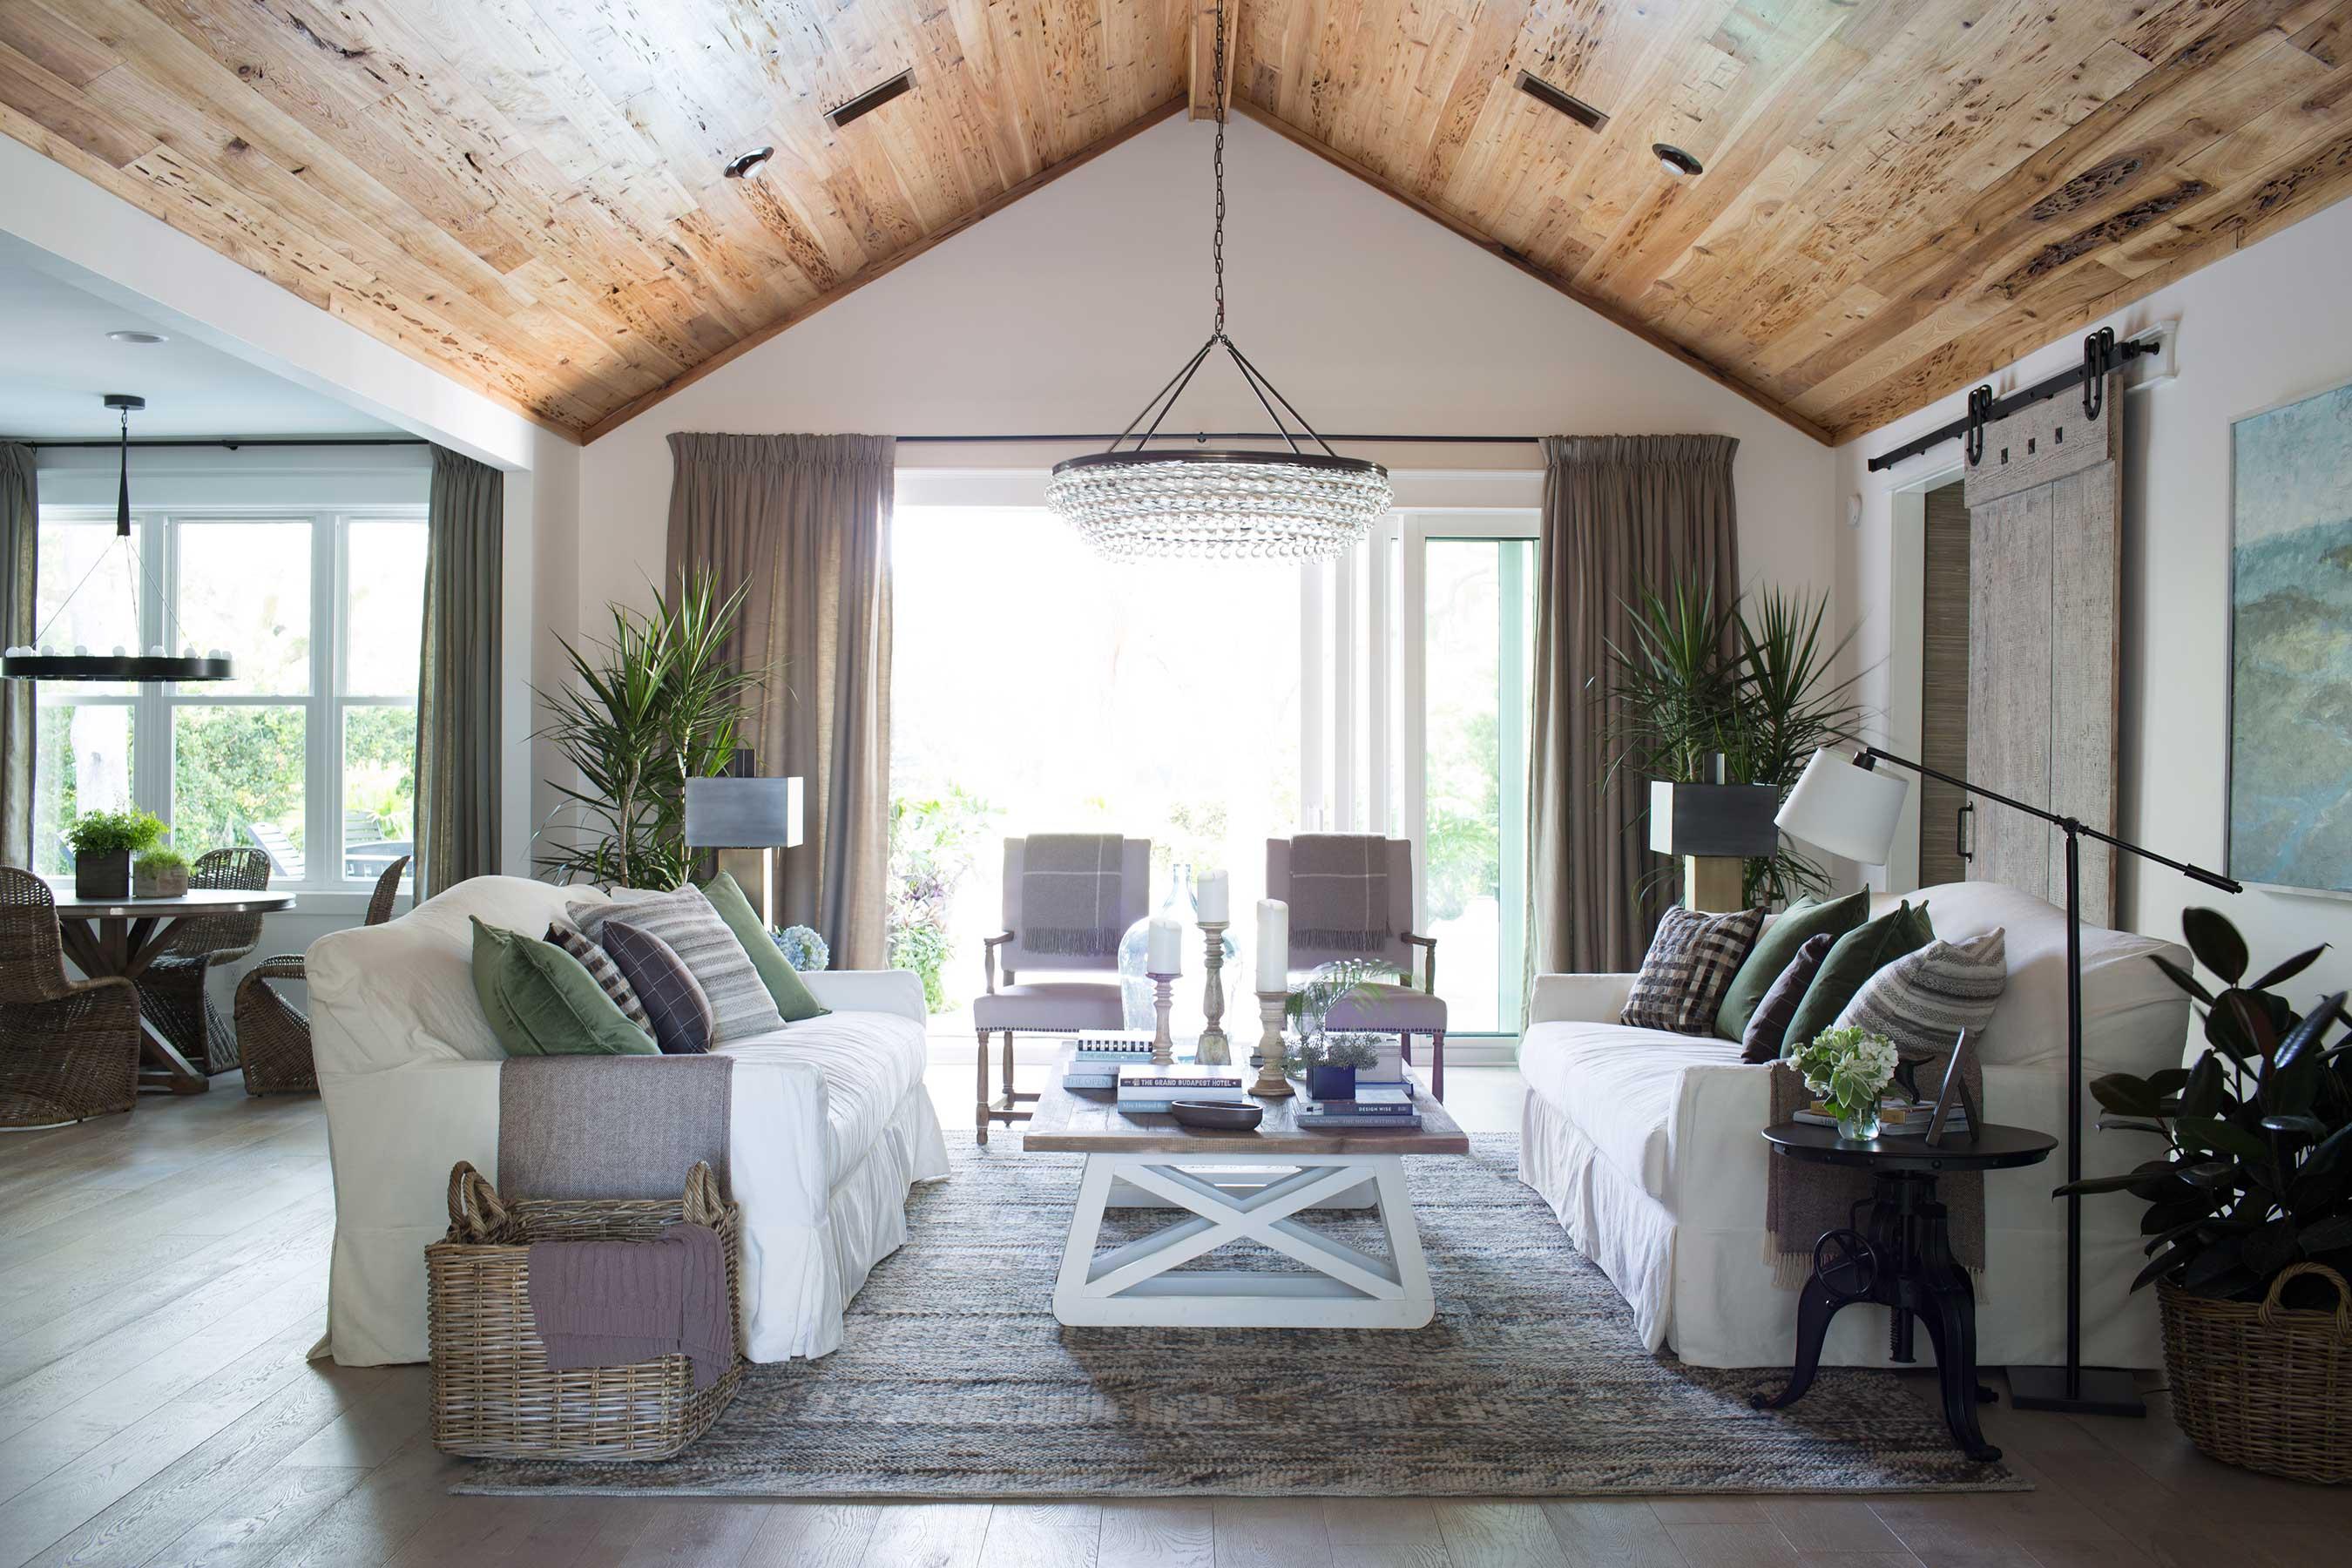 Fullsize Of Hgtv Smart Home 2017 Winner